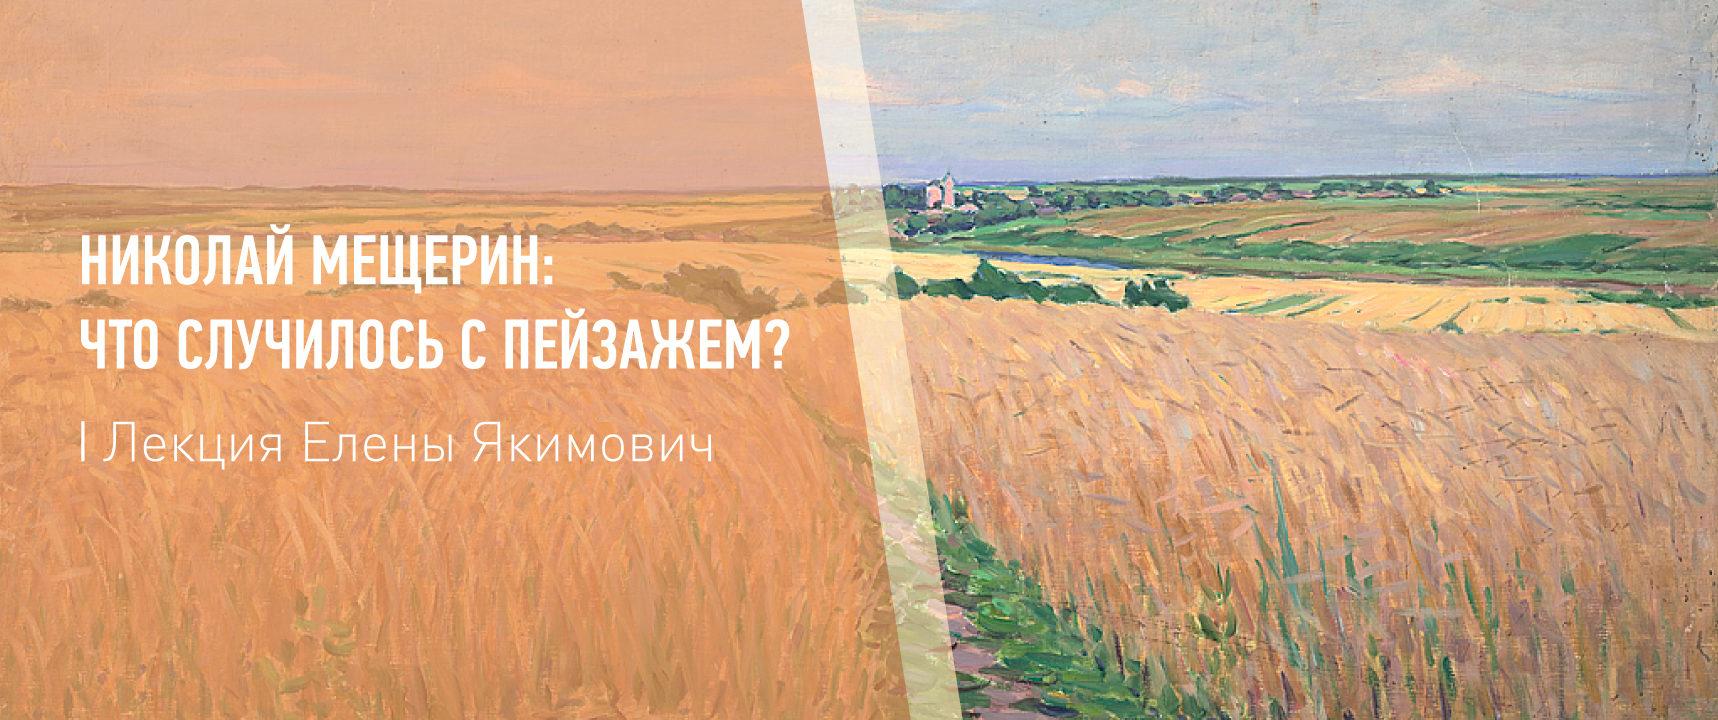 Лекция «Николай Мещерин: что случилось с пейзажем?» – события на сайте «Московские Сезоны»